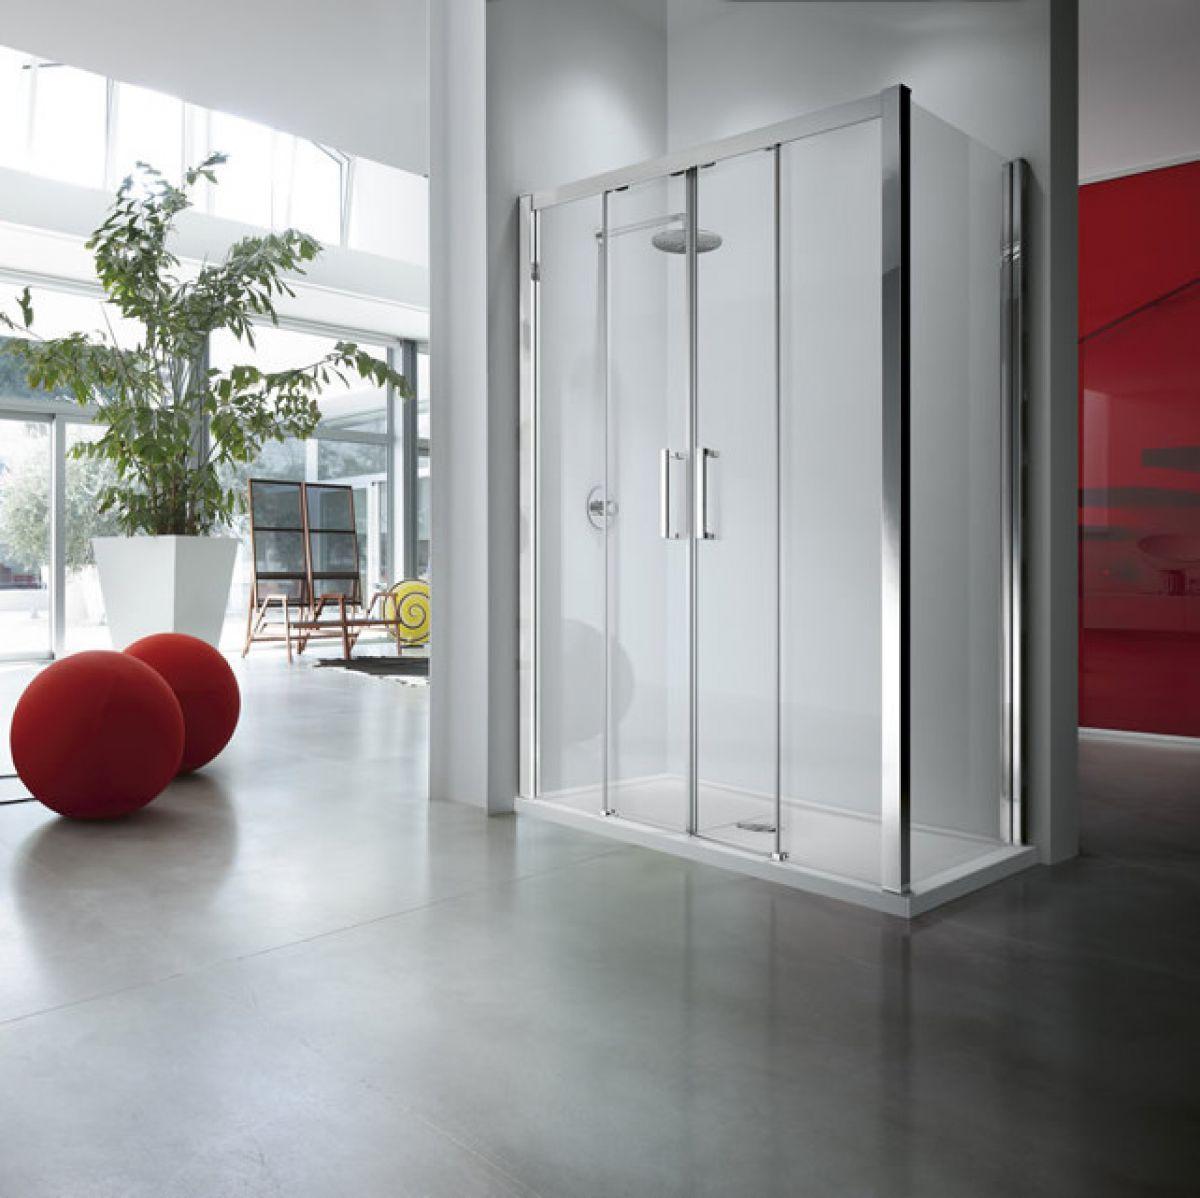 Novellini kuadra 2a double sliding shower door ukbathrooms for Novellini shower doors